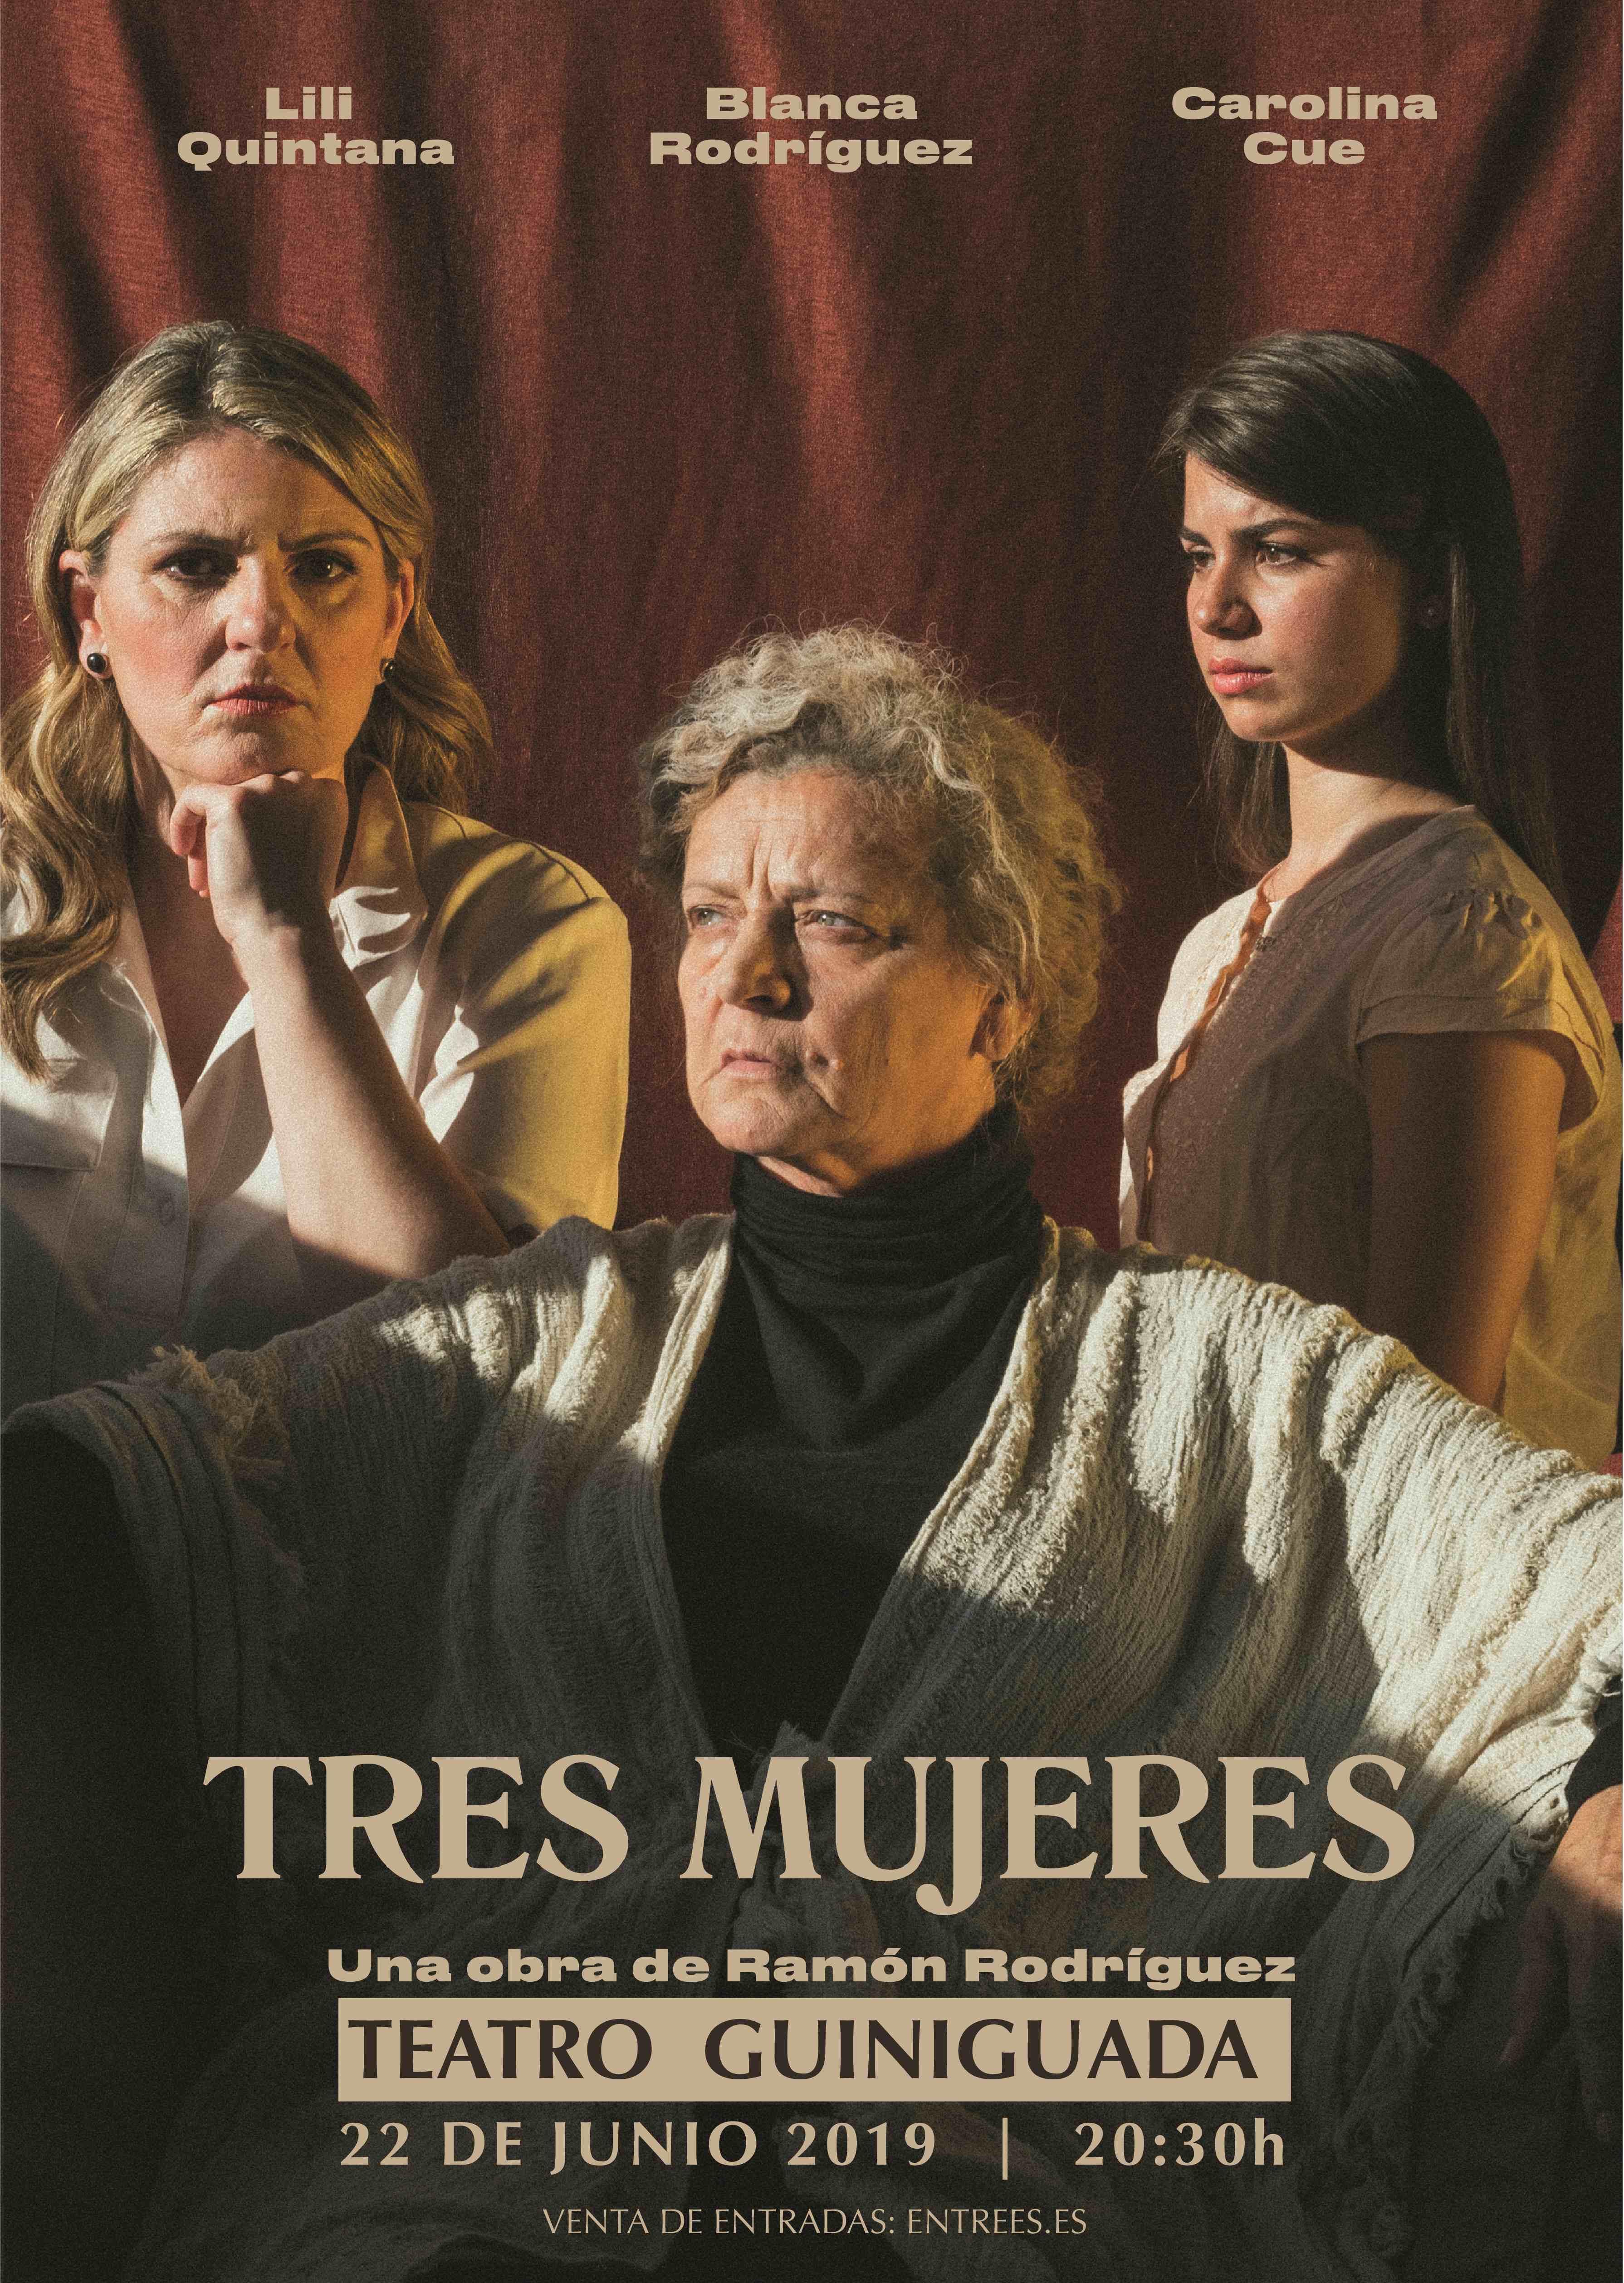 Blanca Rodríguez, Eloísa González y Carolina Cué